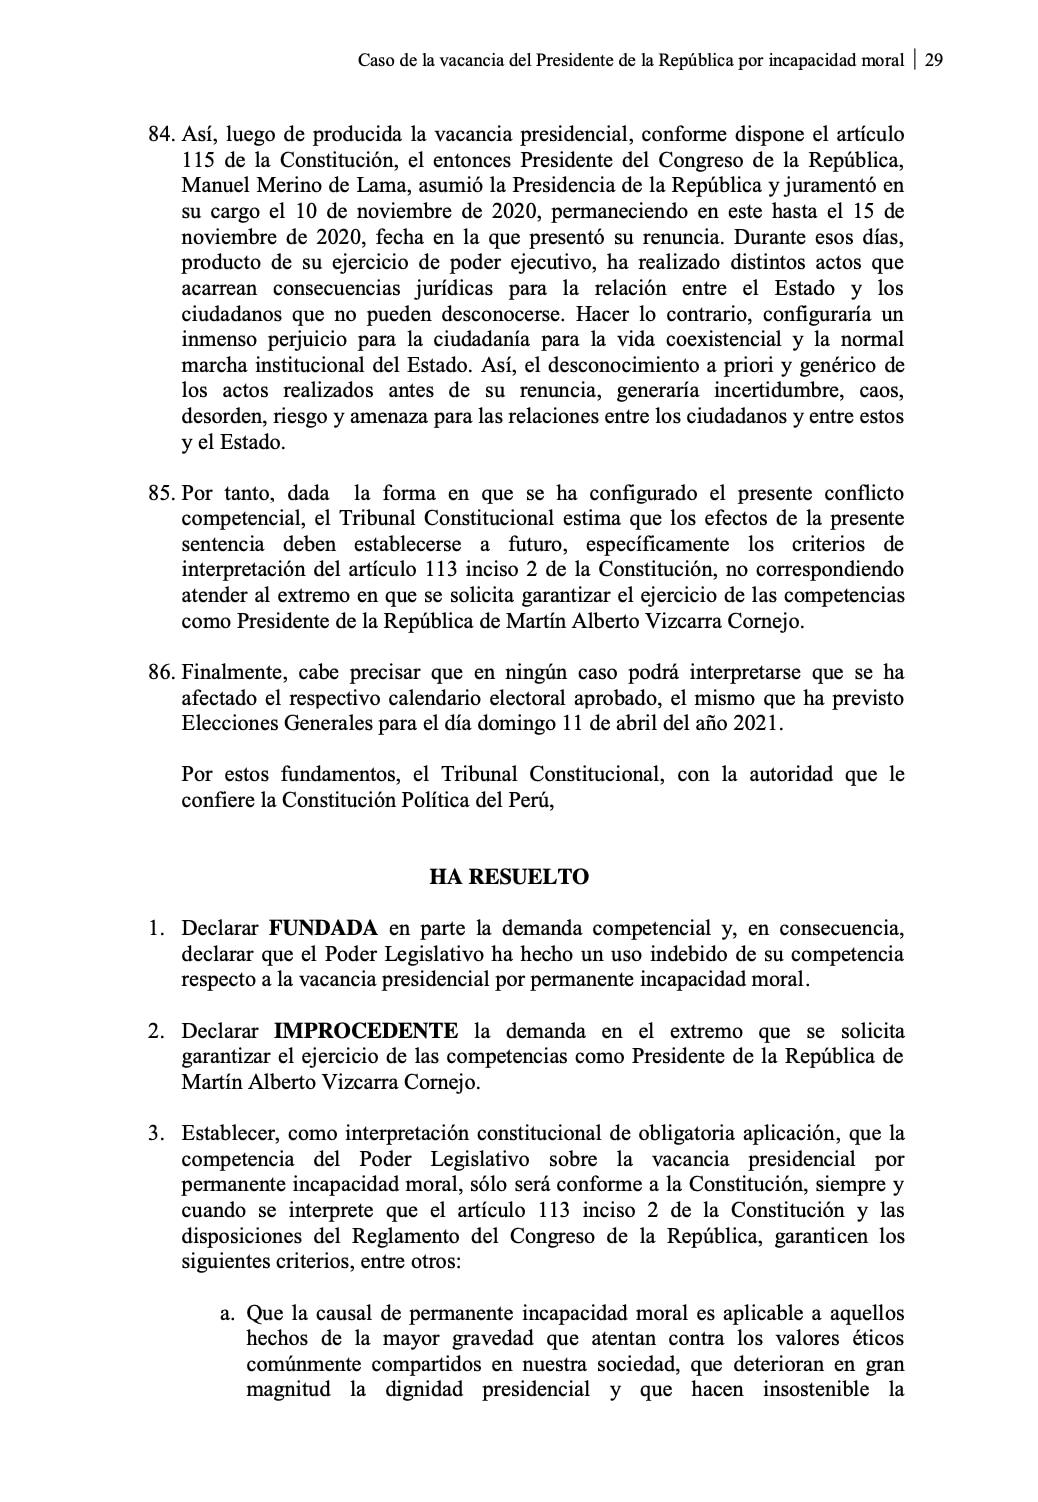 Borrador de la ponencia propuesta por la magistrada Marianella Ledesma en la demanda competencial por la vacancia presidencial por incapacidad moral.